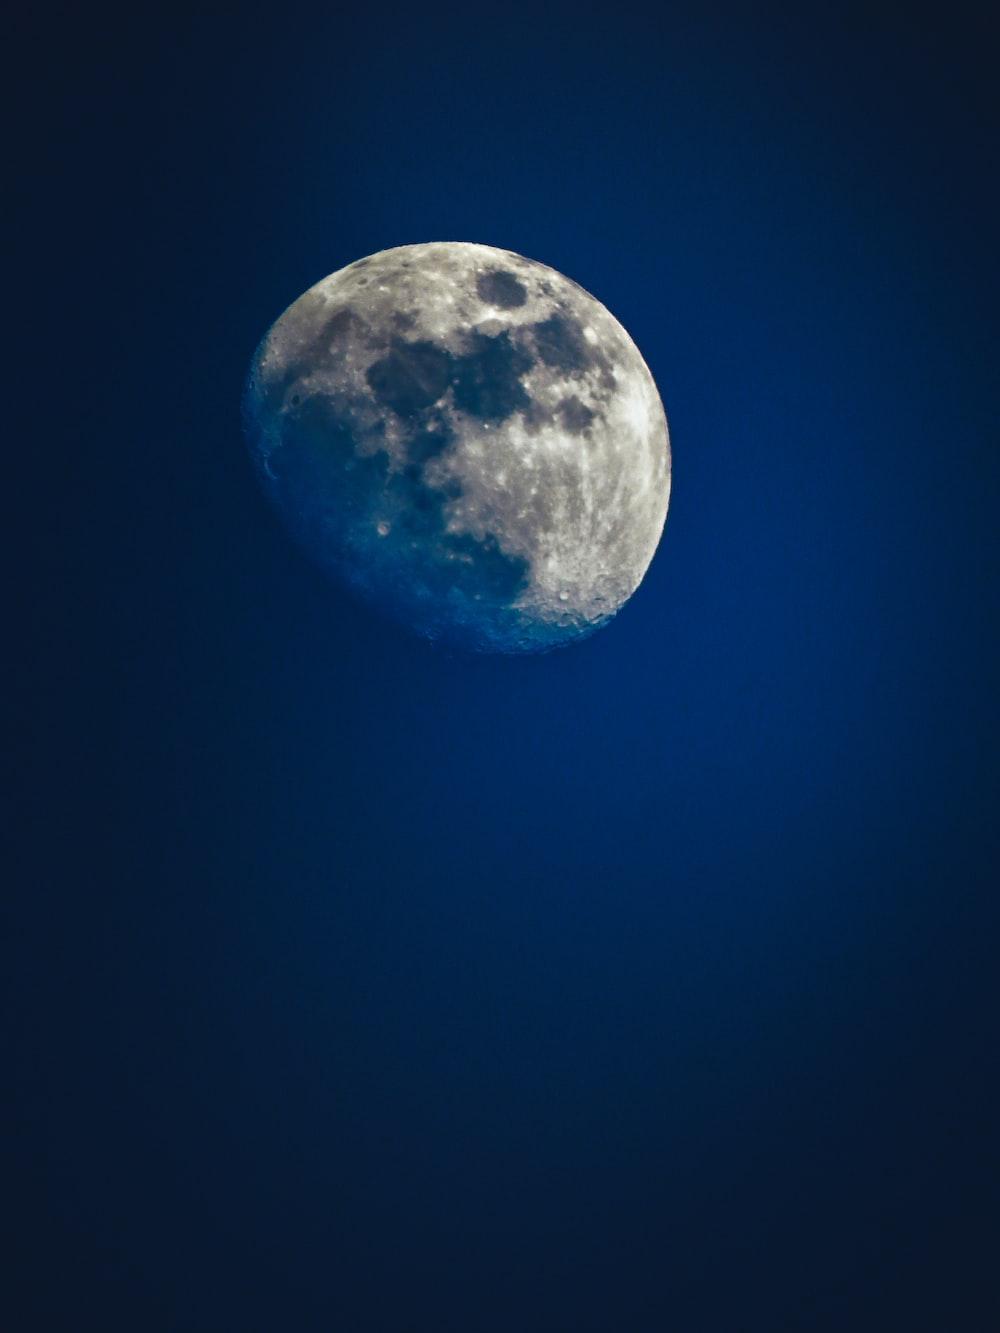 full moon display